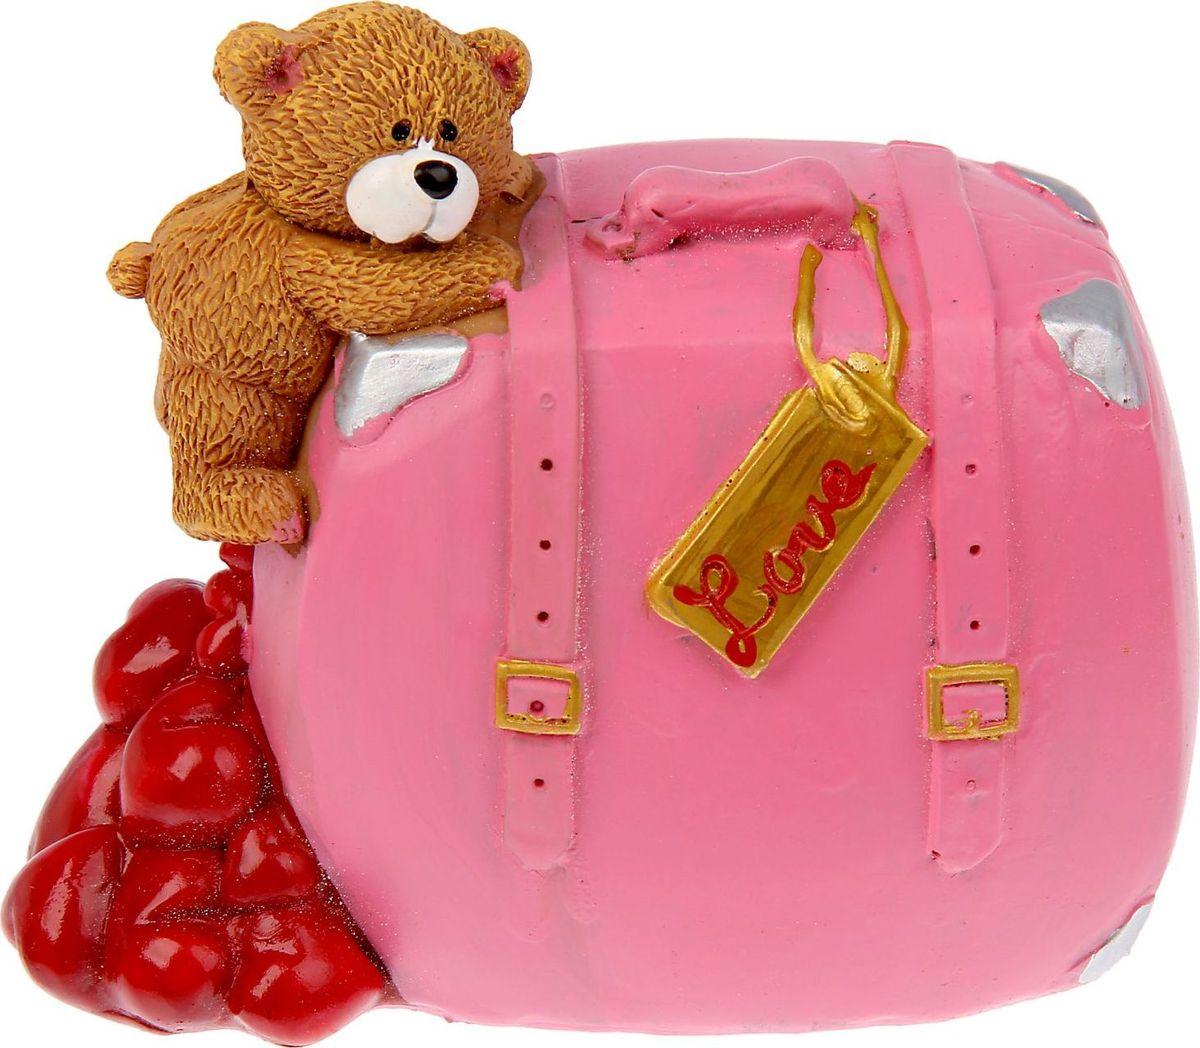 Копилка Мишутка у чемодана, 5,5 х 10,2 х 8 см865492Думая, как порадовать любимого человека в День Святого Валентина, вы можете выбрать не просто милый сувенир, но подарок, в котором будут гармонично сочетаться красота и функциональность. Очаровательная Копилка Мишутка у чемодана станет приятным сюрпризом, который не только оживит стол или полку, но и станет удобным местом для хранения монет, которые порой так оттягивают кошелек или карман. Подарить радость просто!Копилка является многоразовой, что позволит вам воспользоваться накопленными деньгами в любой момент.